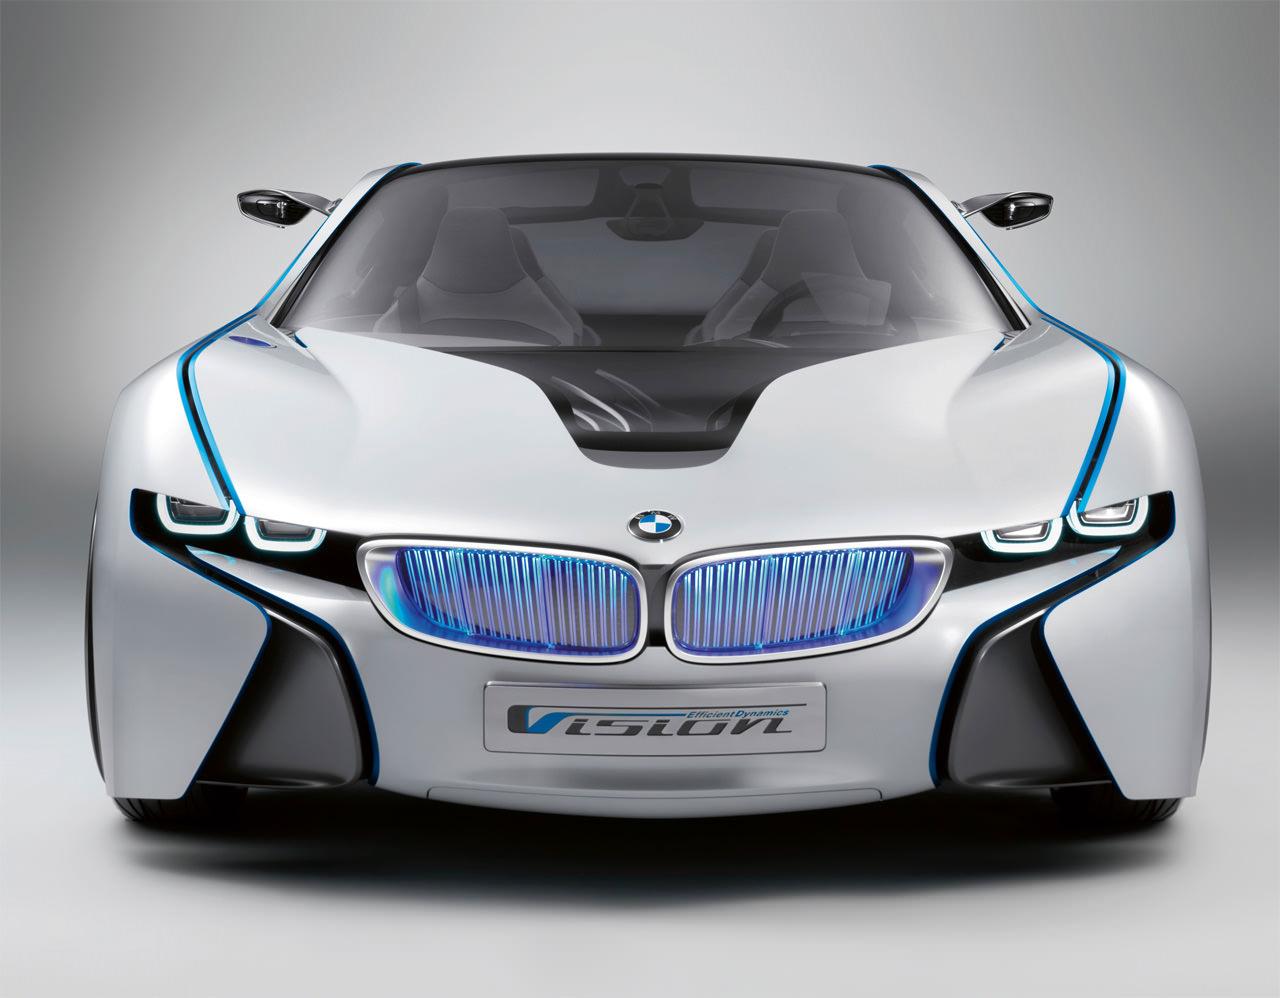 Bmw ibrida - Auto ibride -Hybrid car